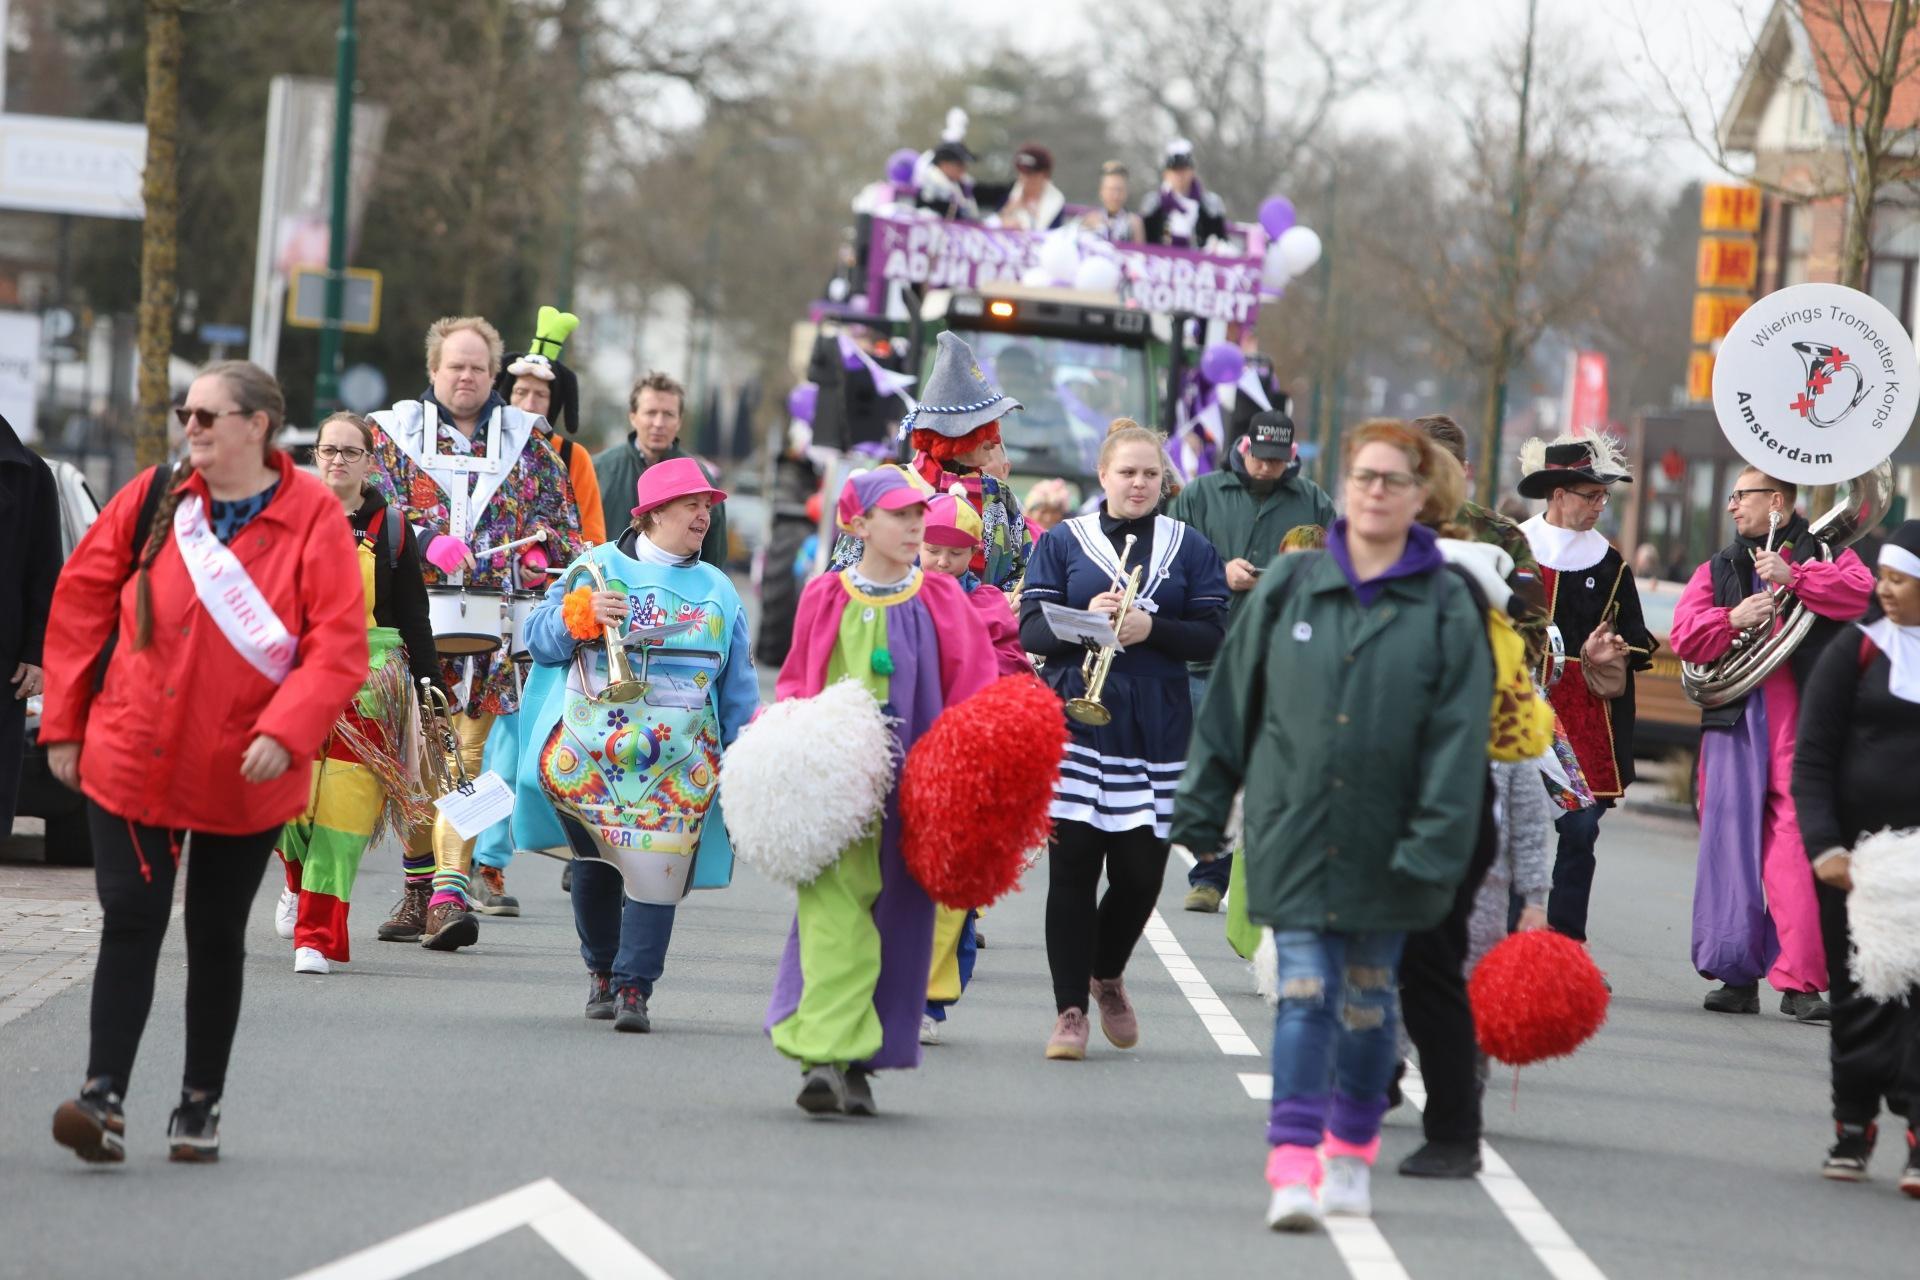 Carnavalsoptocht trekt met tientallen praalwagens door Soest [video]